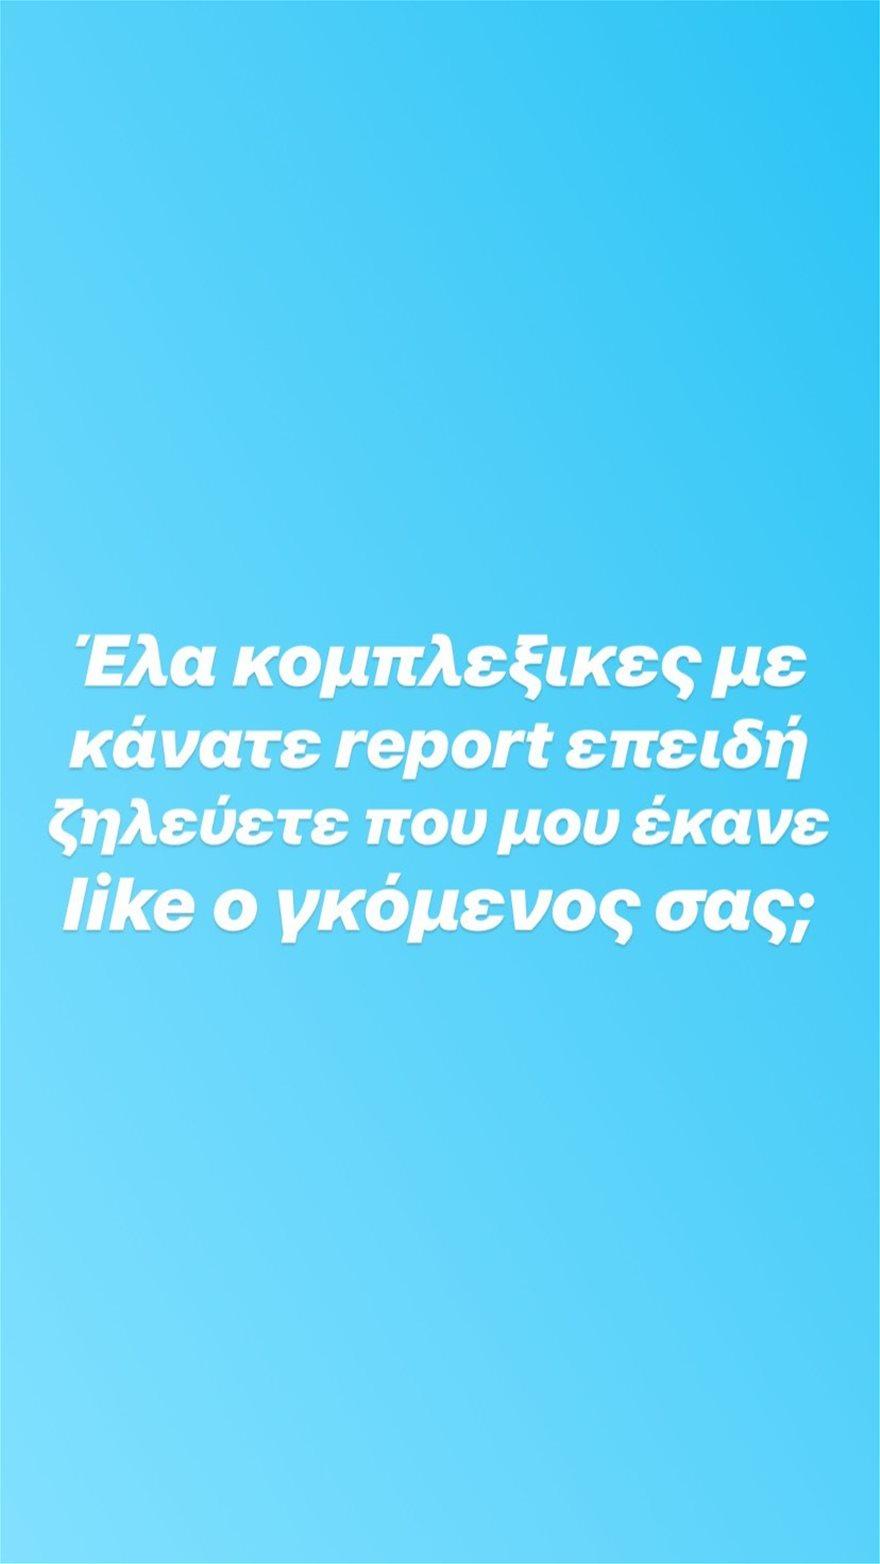 kmetaxa_61306276_374774273156432_1392350904657074362_n